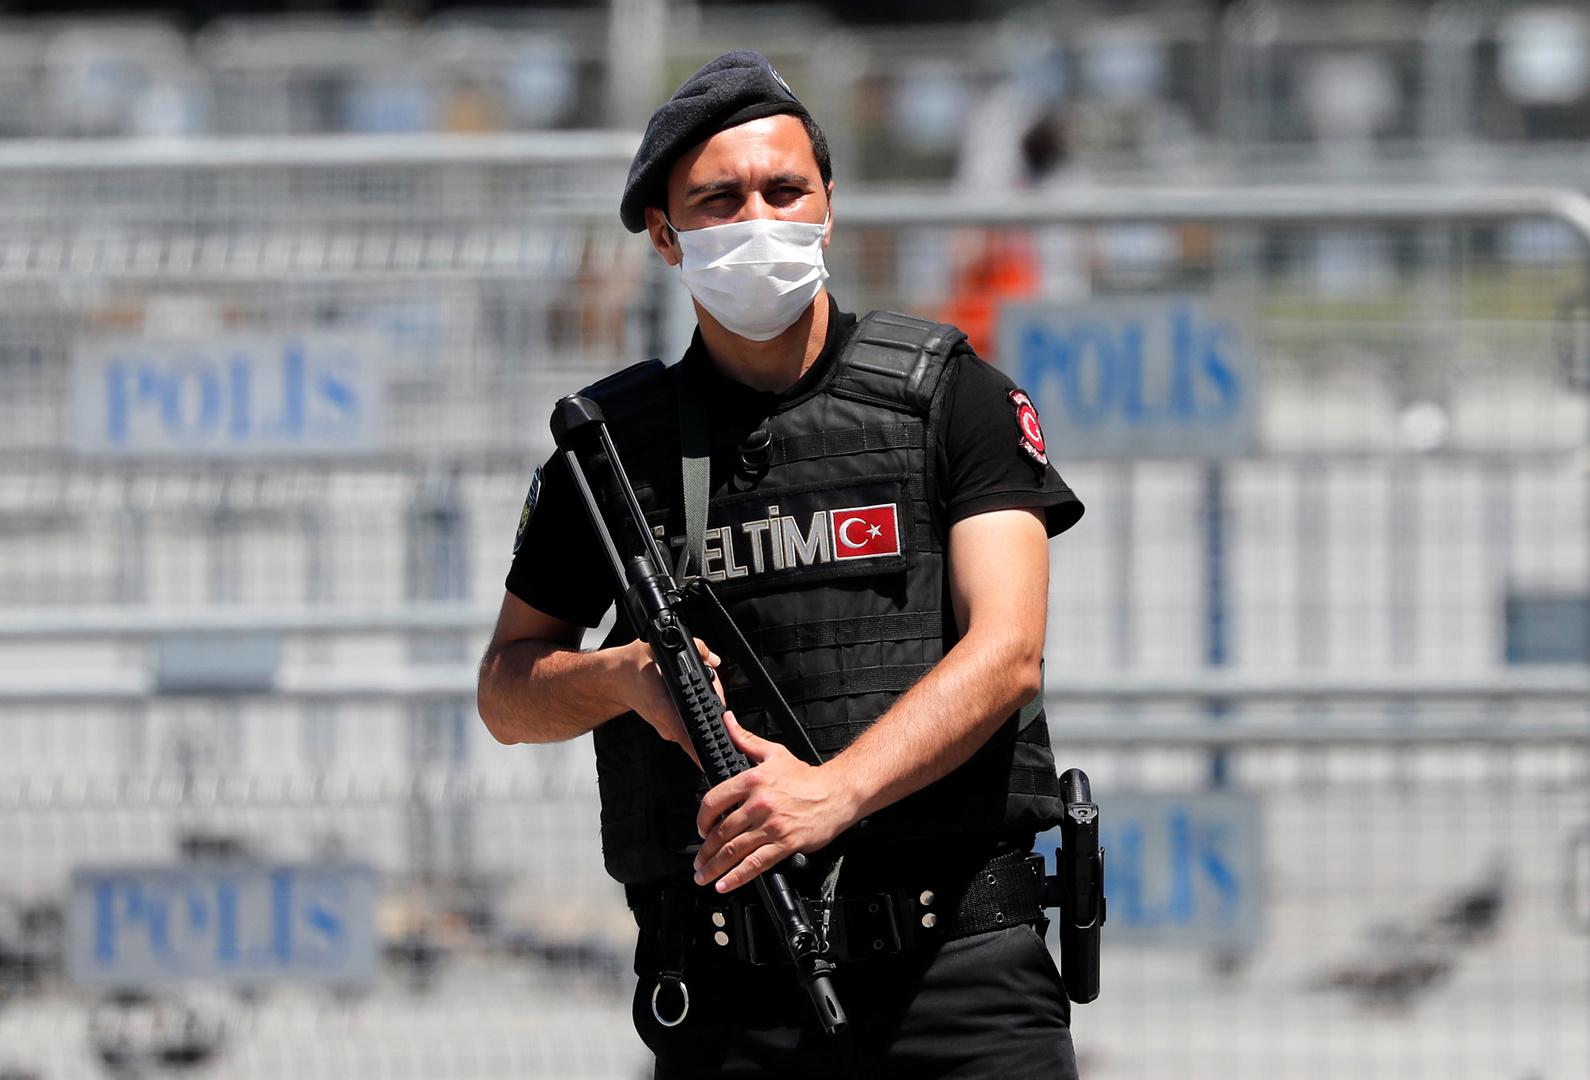 تركيا.. اعتقال 26 شخصا والبحث عن 25 لاستخدامهم تطبيقا هاتفيا